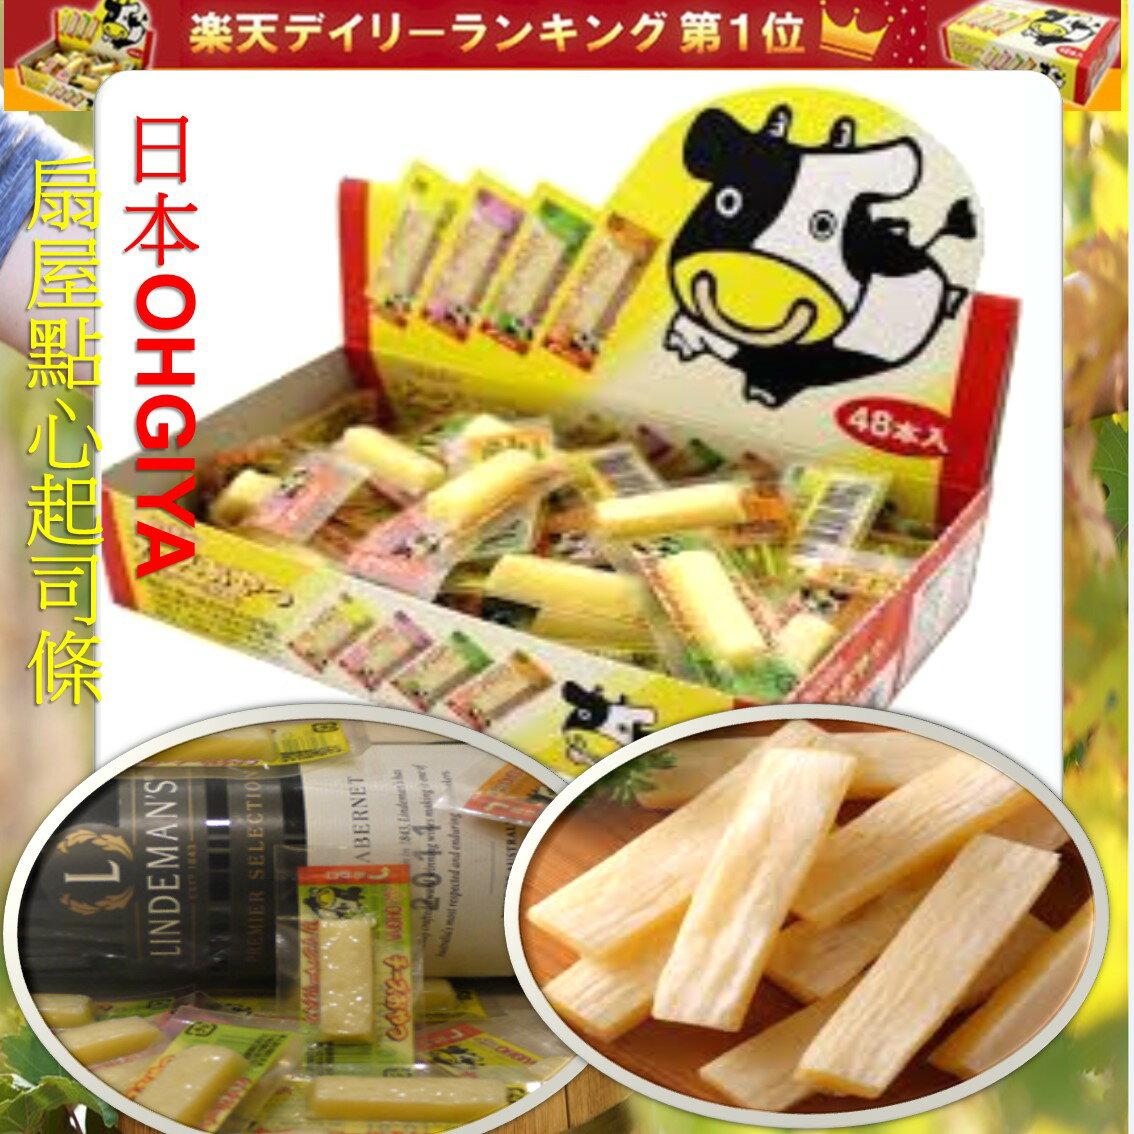 日本OHGIYA 扇屋點心起司條 乳酪條 乳酪棒 一口起司棒 48入/盒 【樂活生活館】